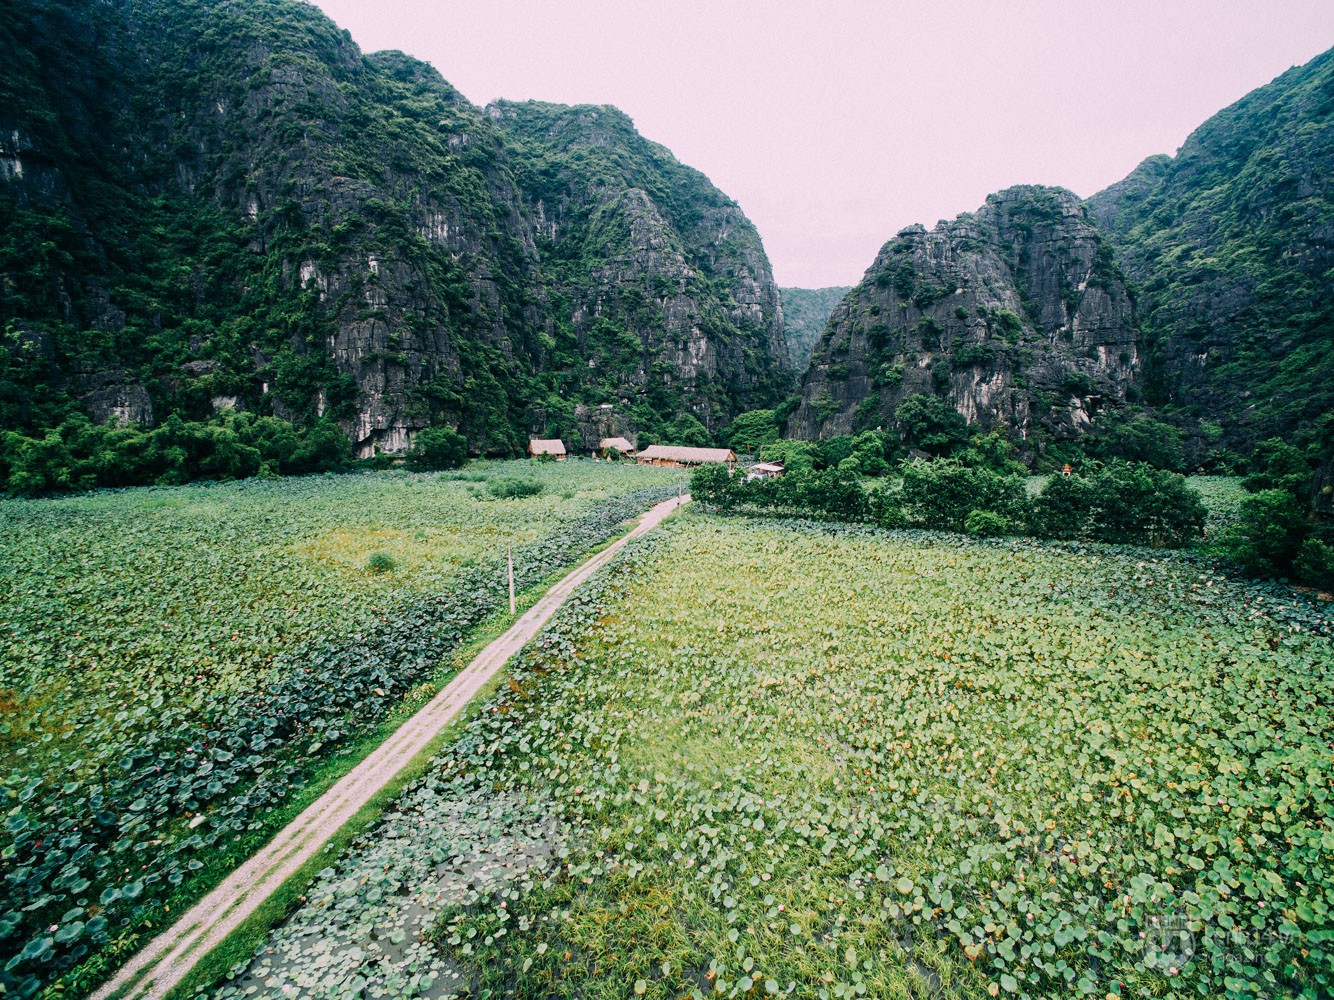 Tưởng chán muốn xỉu, nhưng 4 địa điểm này lại sắp trở thành những thiên đường mới của Việt Nam rồi đấy! - Ảnh 32.